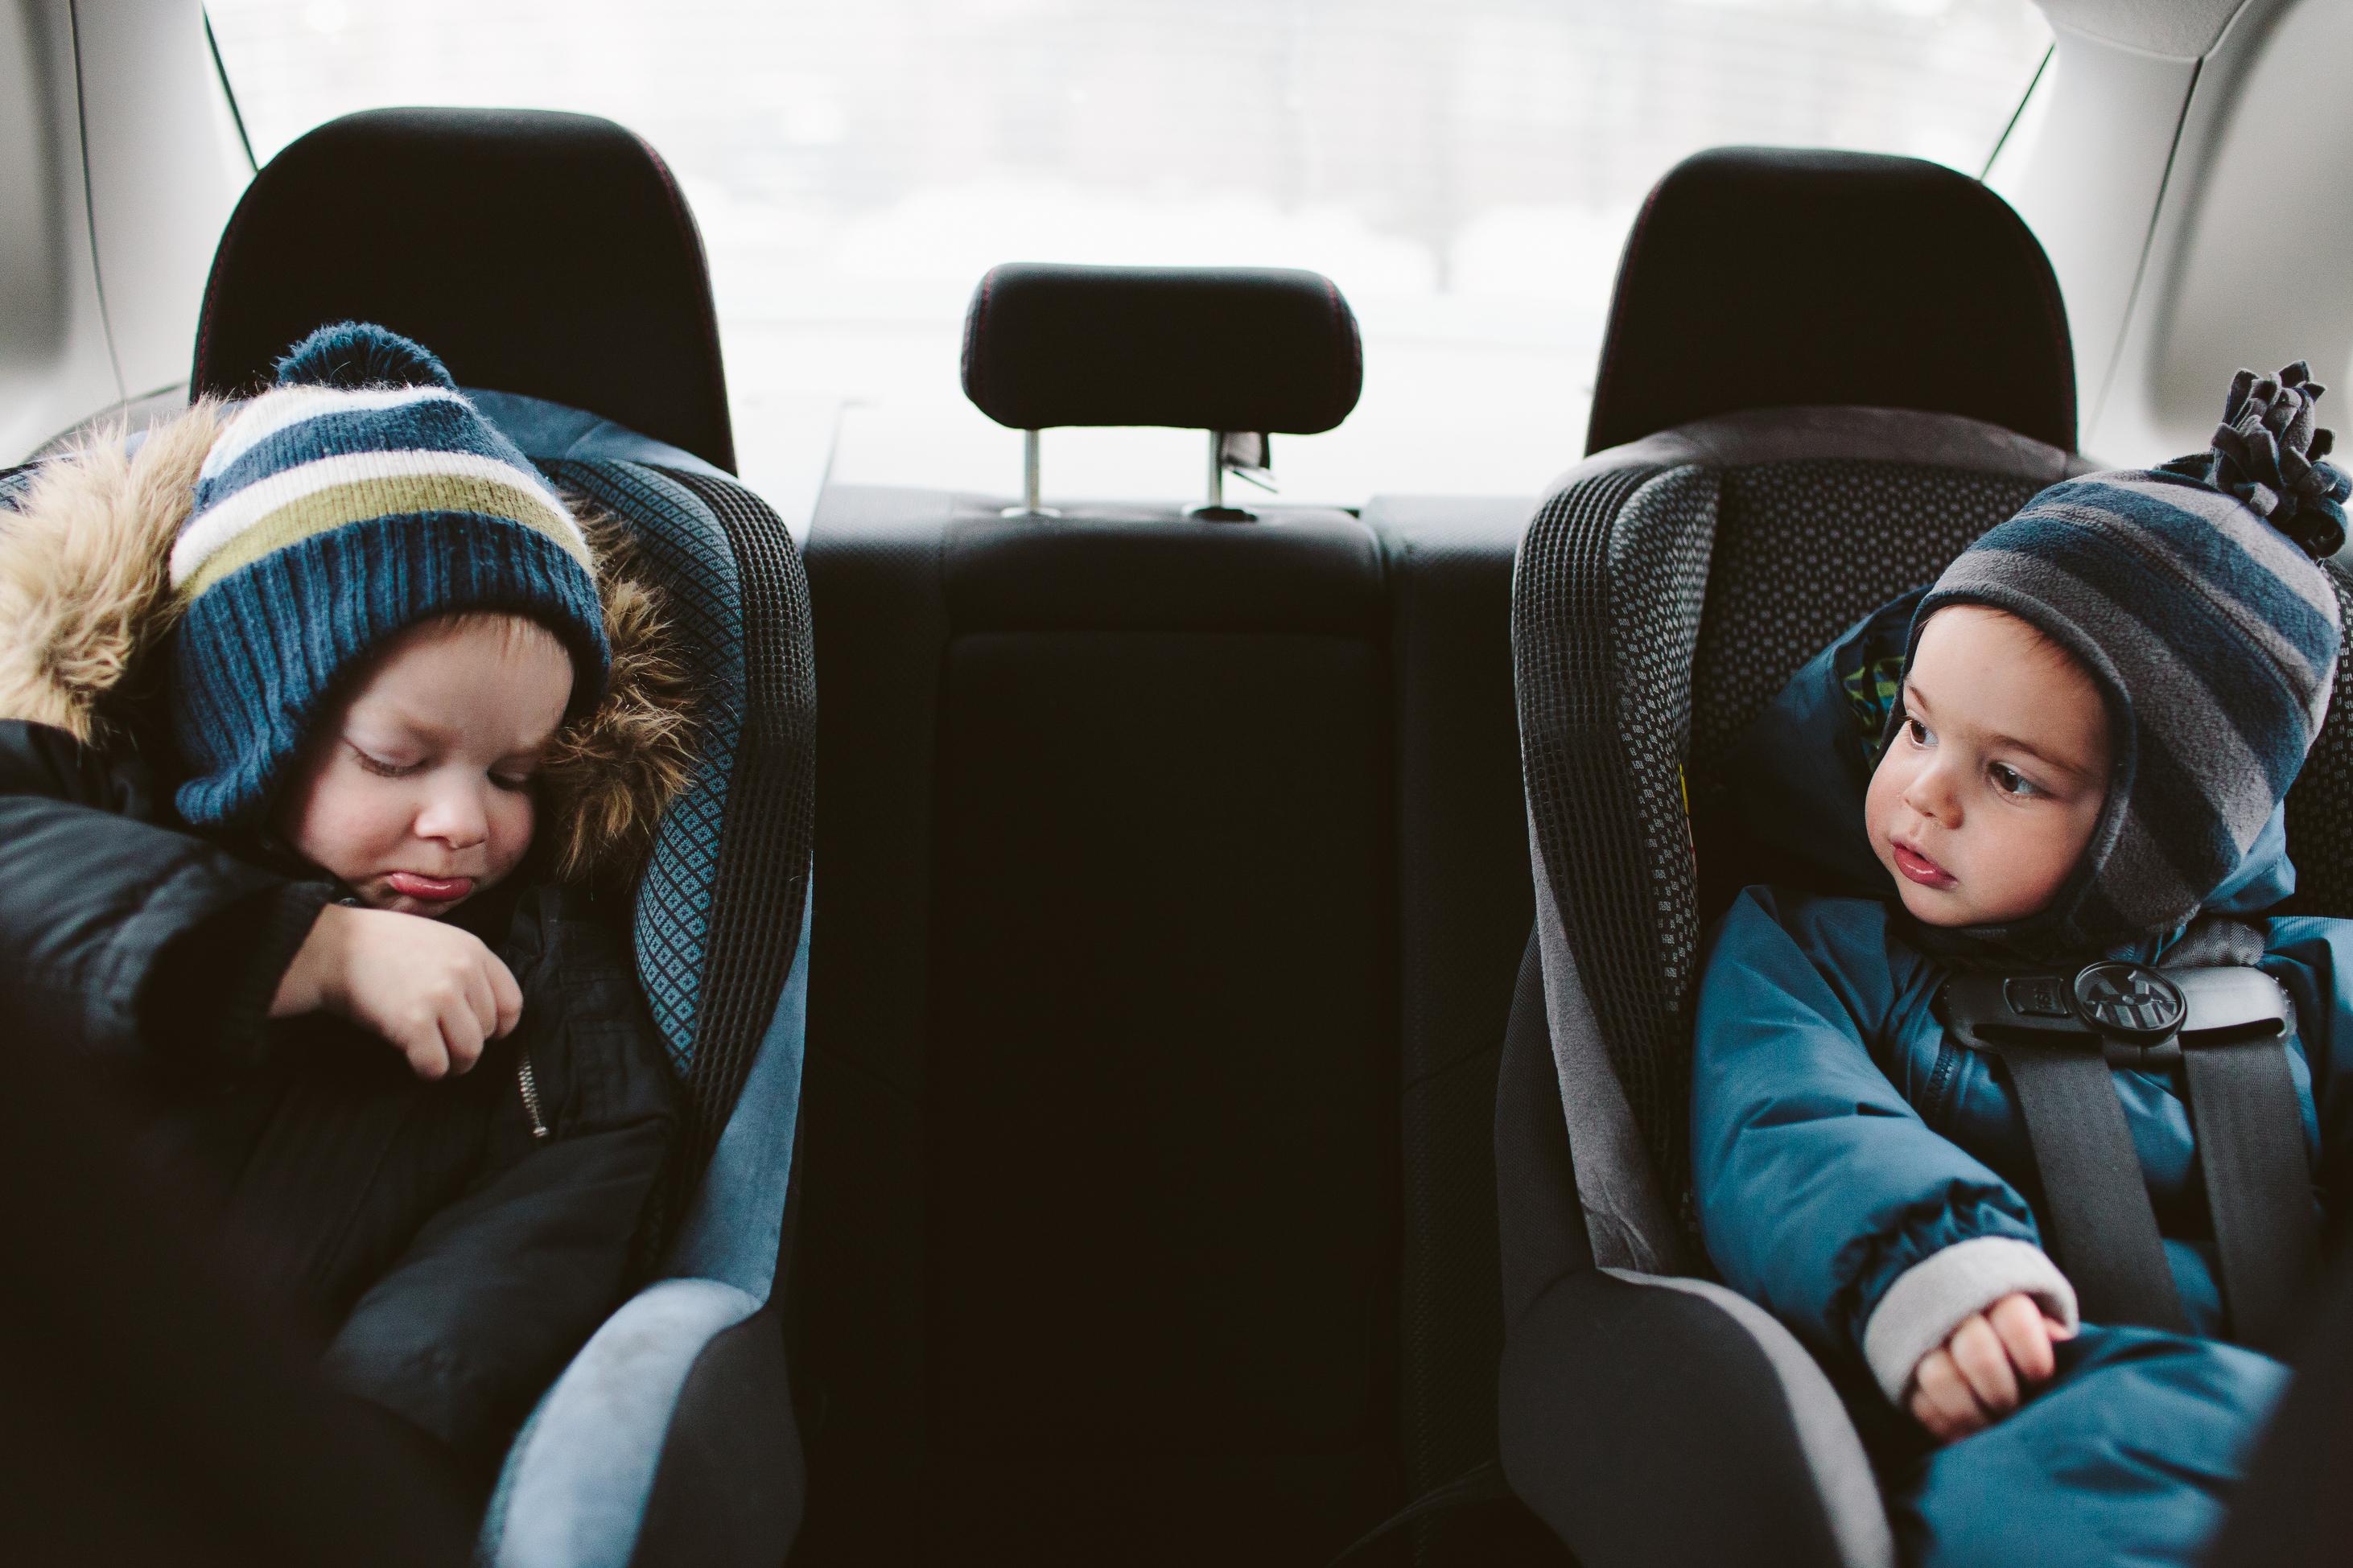 twinbabies